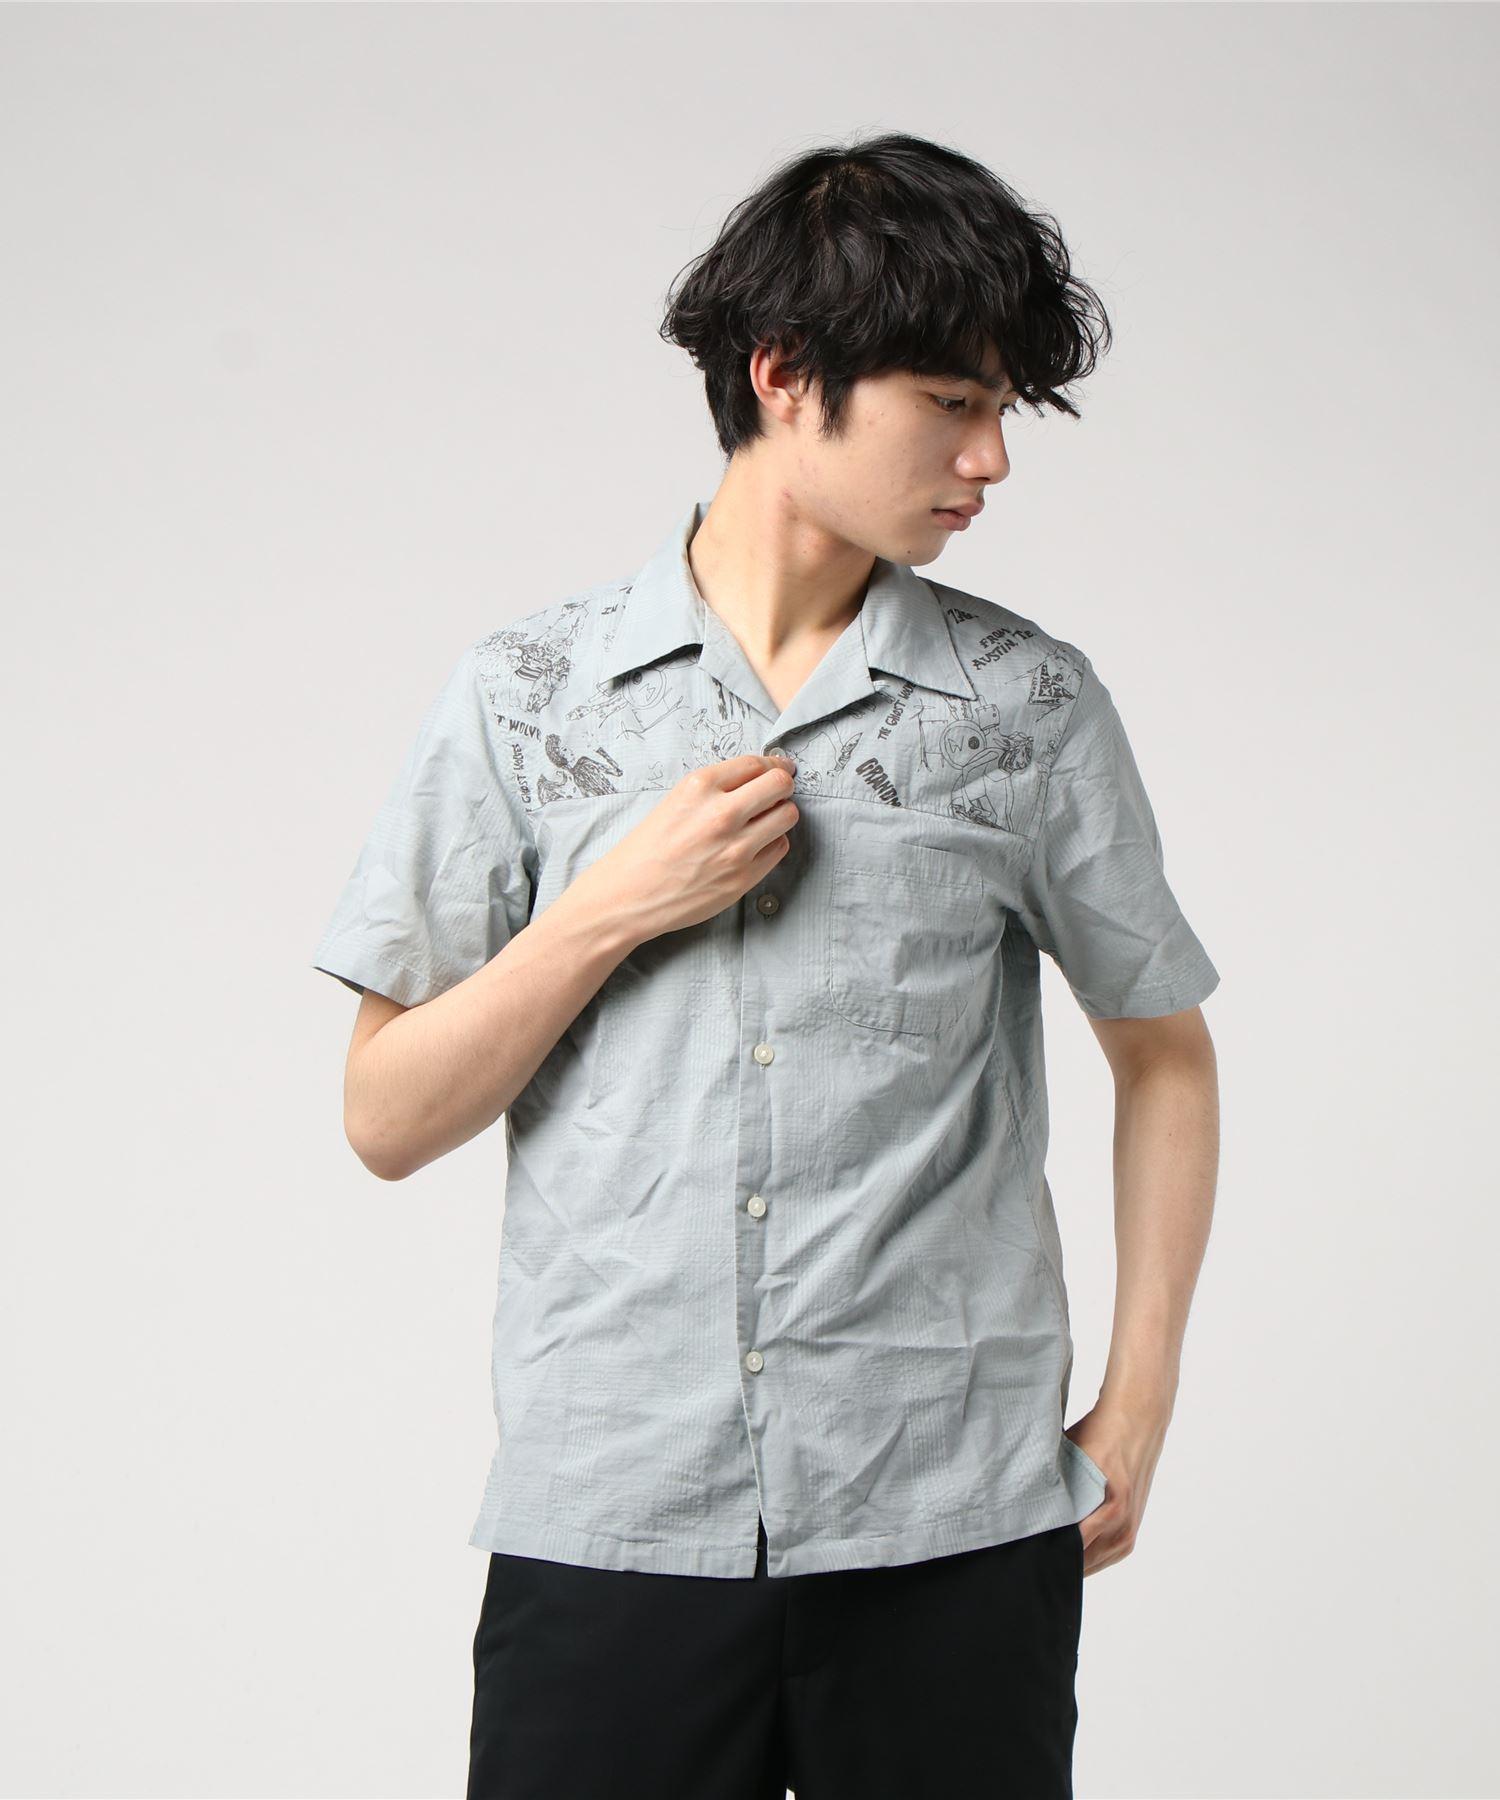 THE GHOST WOLVES/POLAR POWER pt 半袖オープンカラーシャツ